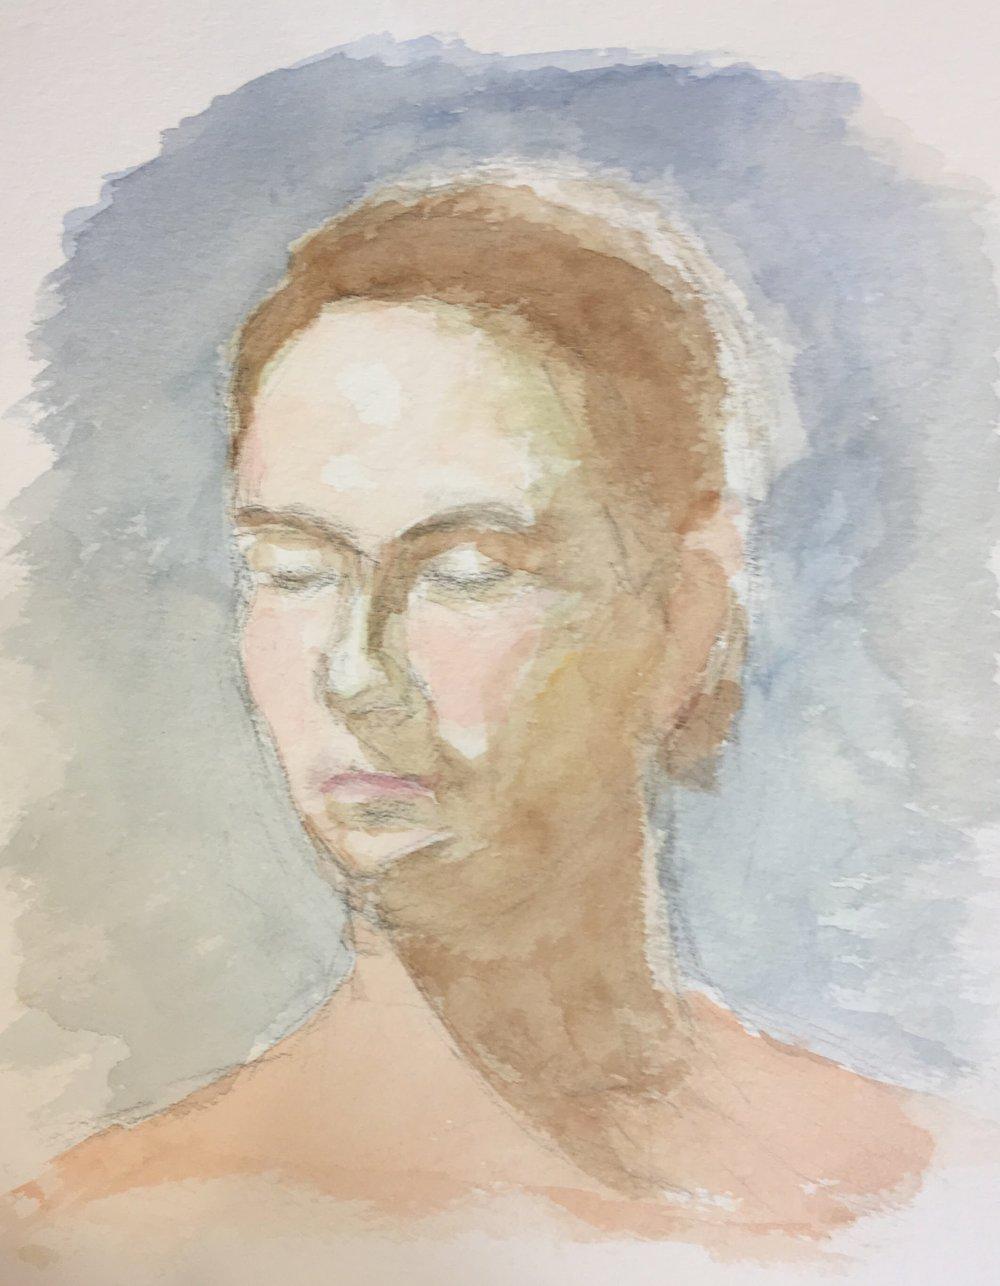 """Geoff Watson, """"Sheba,"""" work in progress, watercolor on paper, 12"""" x 16,"""" 2017."""